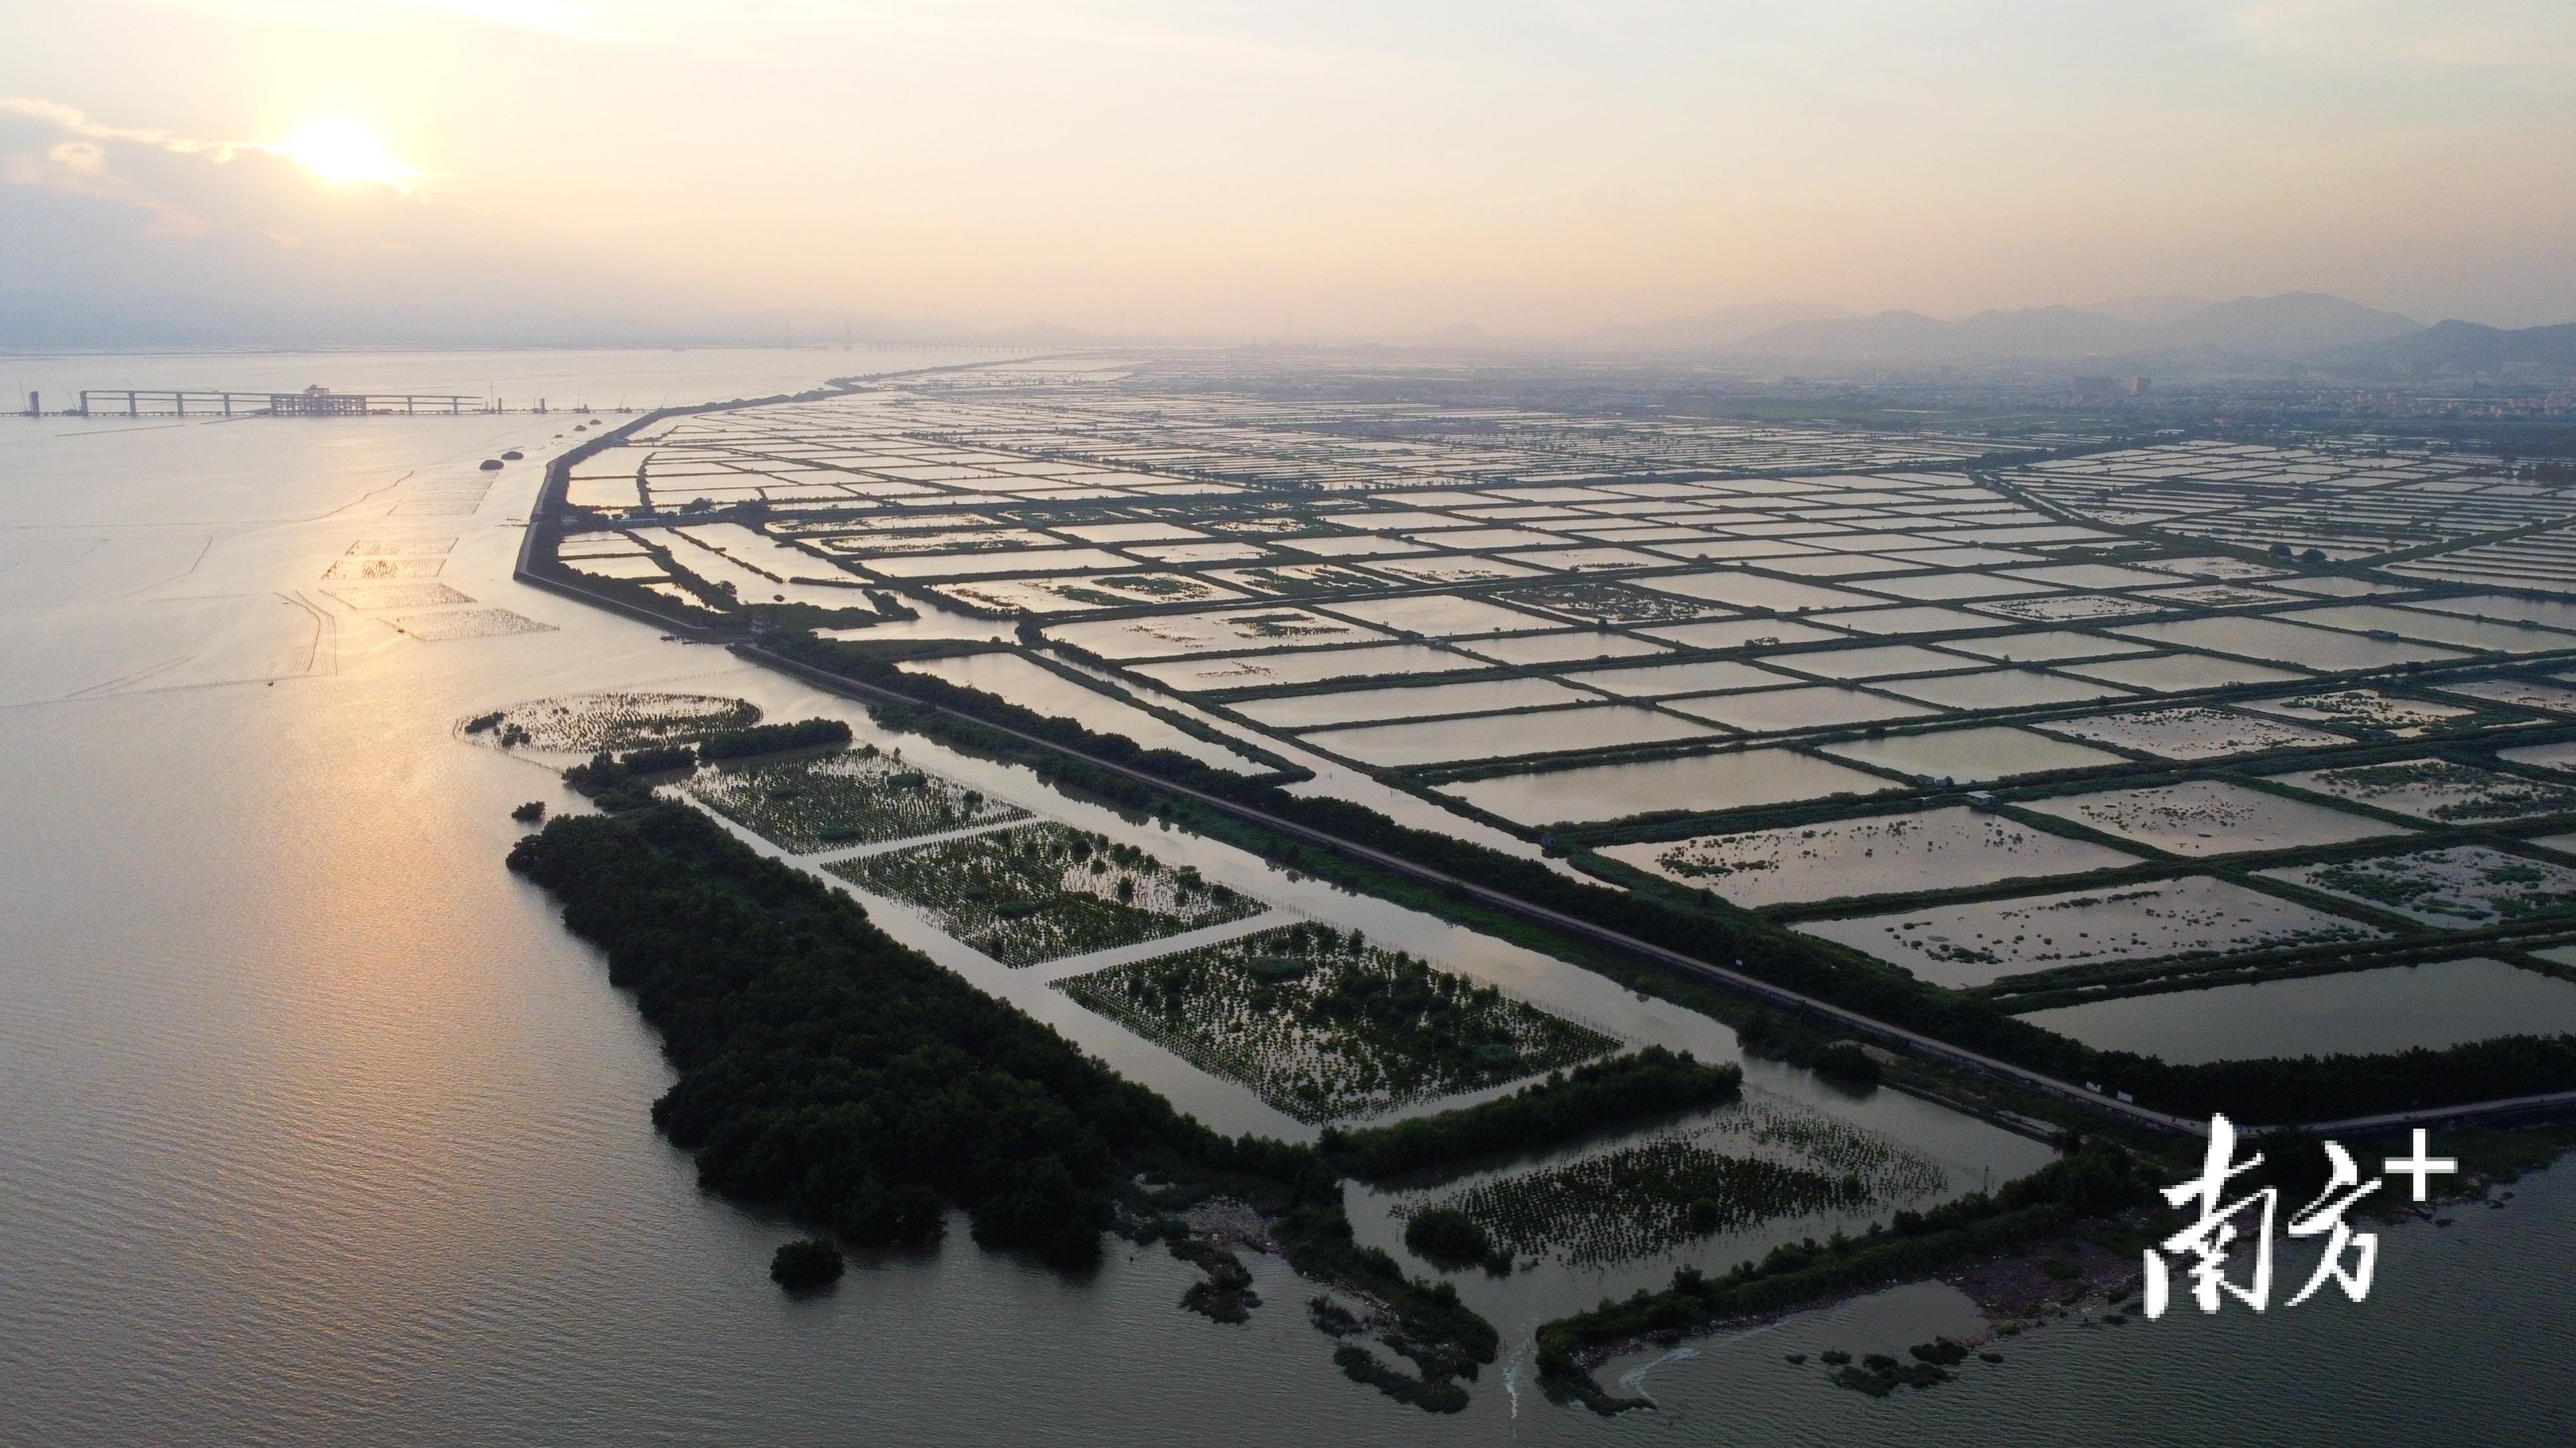 牛田洋位于汕头市榕江、韩江出海口,咸淡交界的独特水域环境是最适宜青蟹繁育生长的地方。  南方+ 张伟炜 拍摄